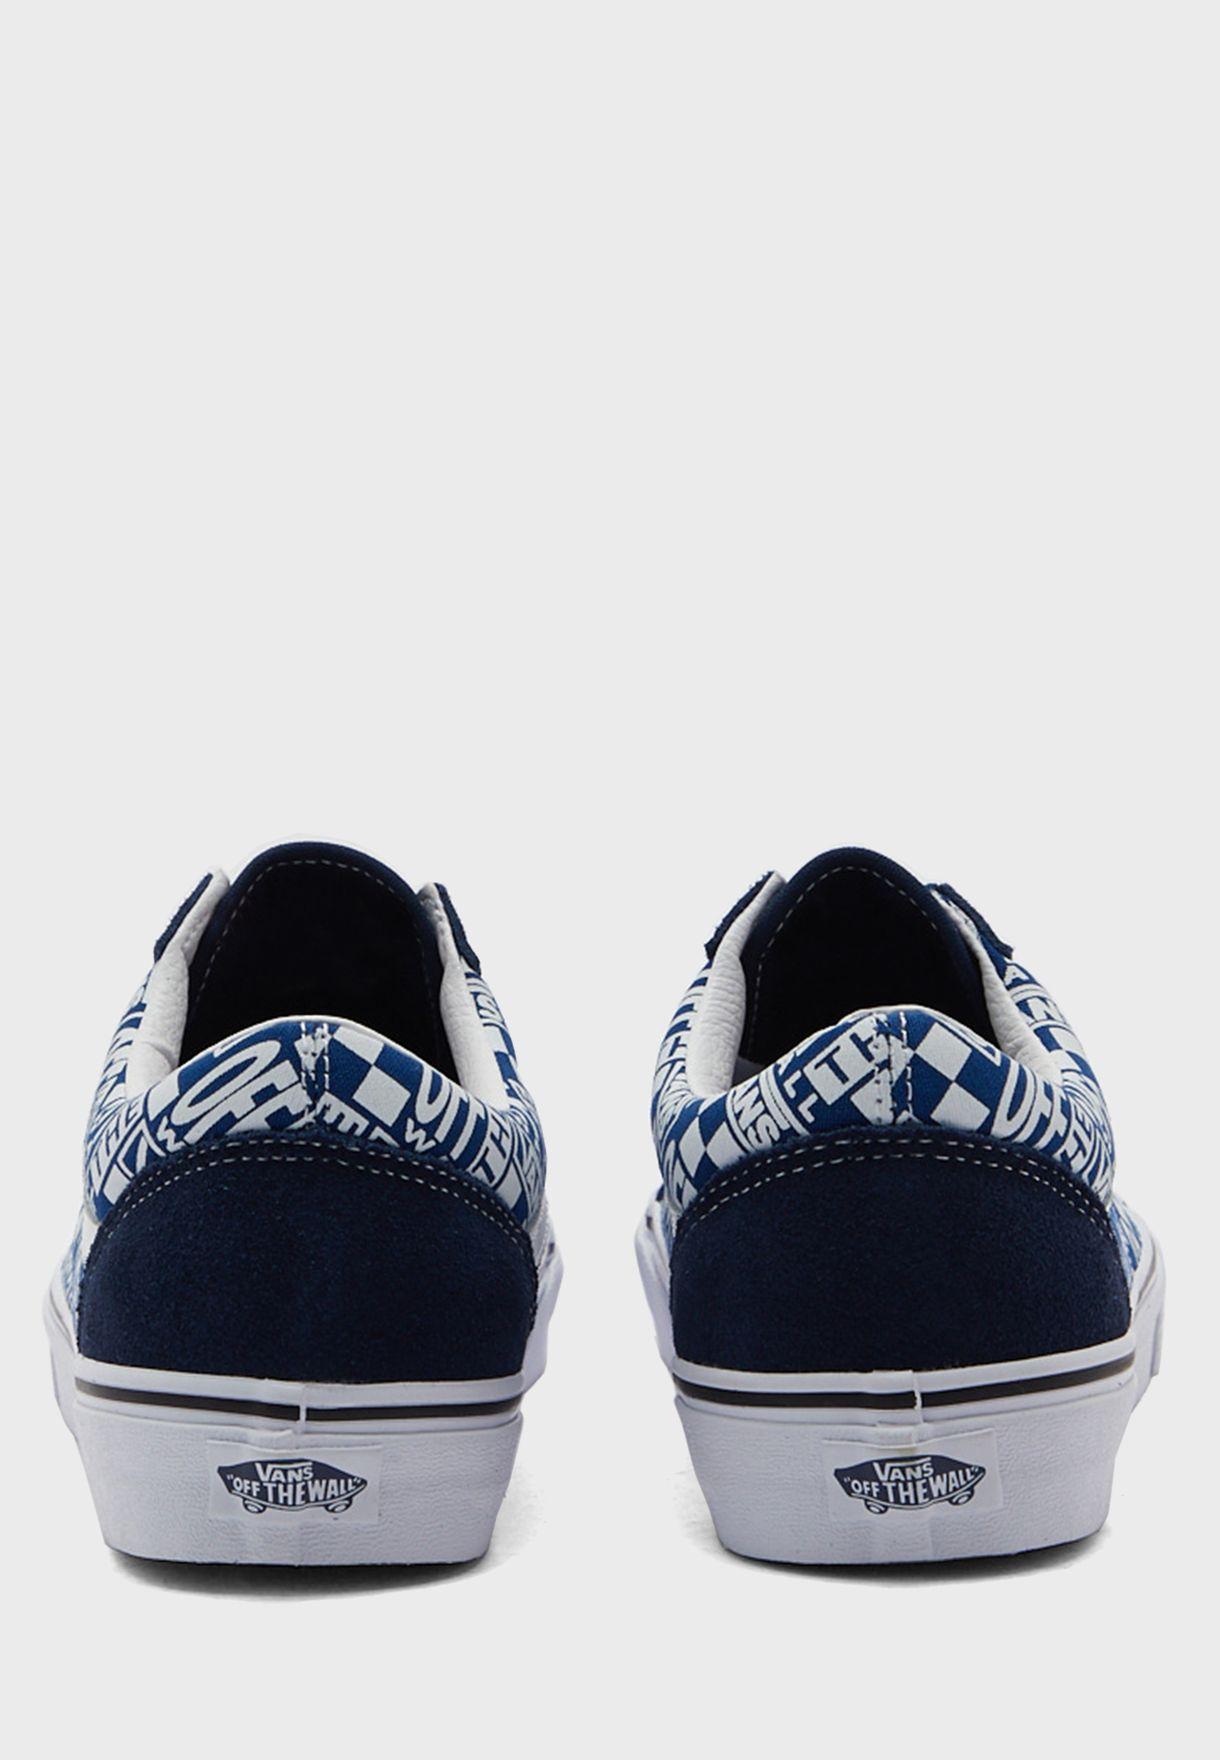 حذاء اوف ذا وول اولد سكول